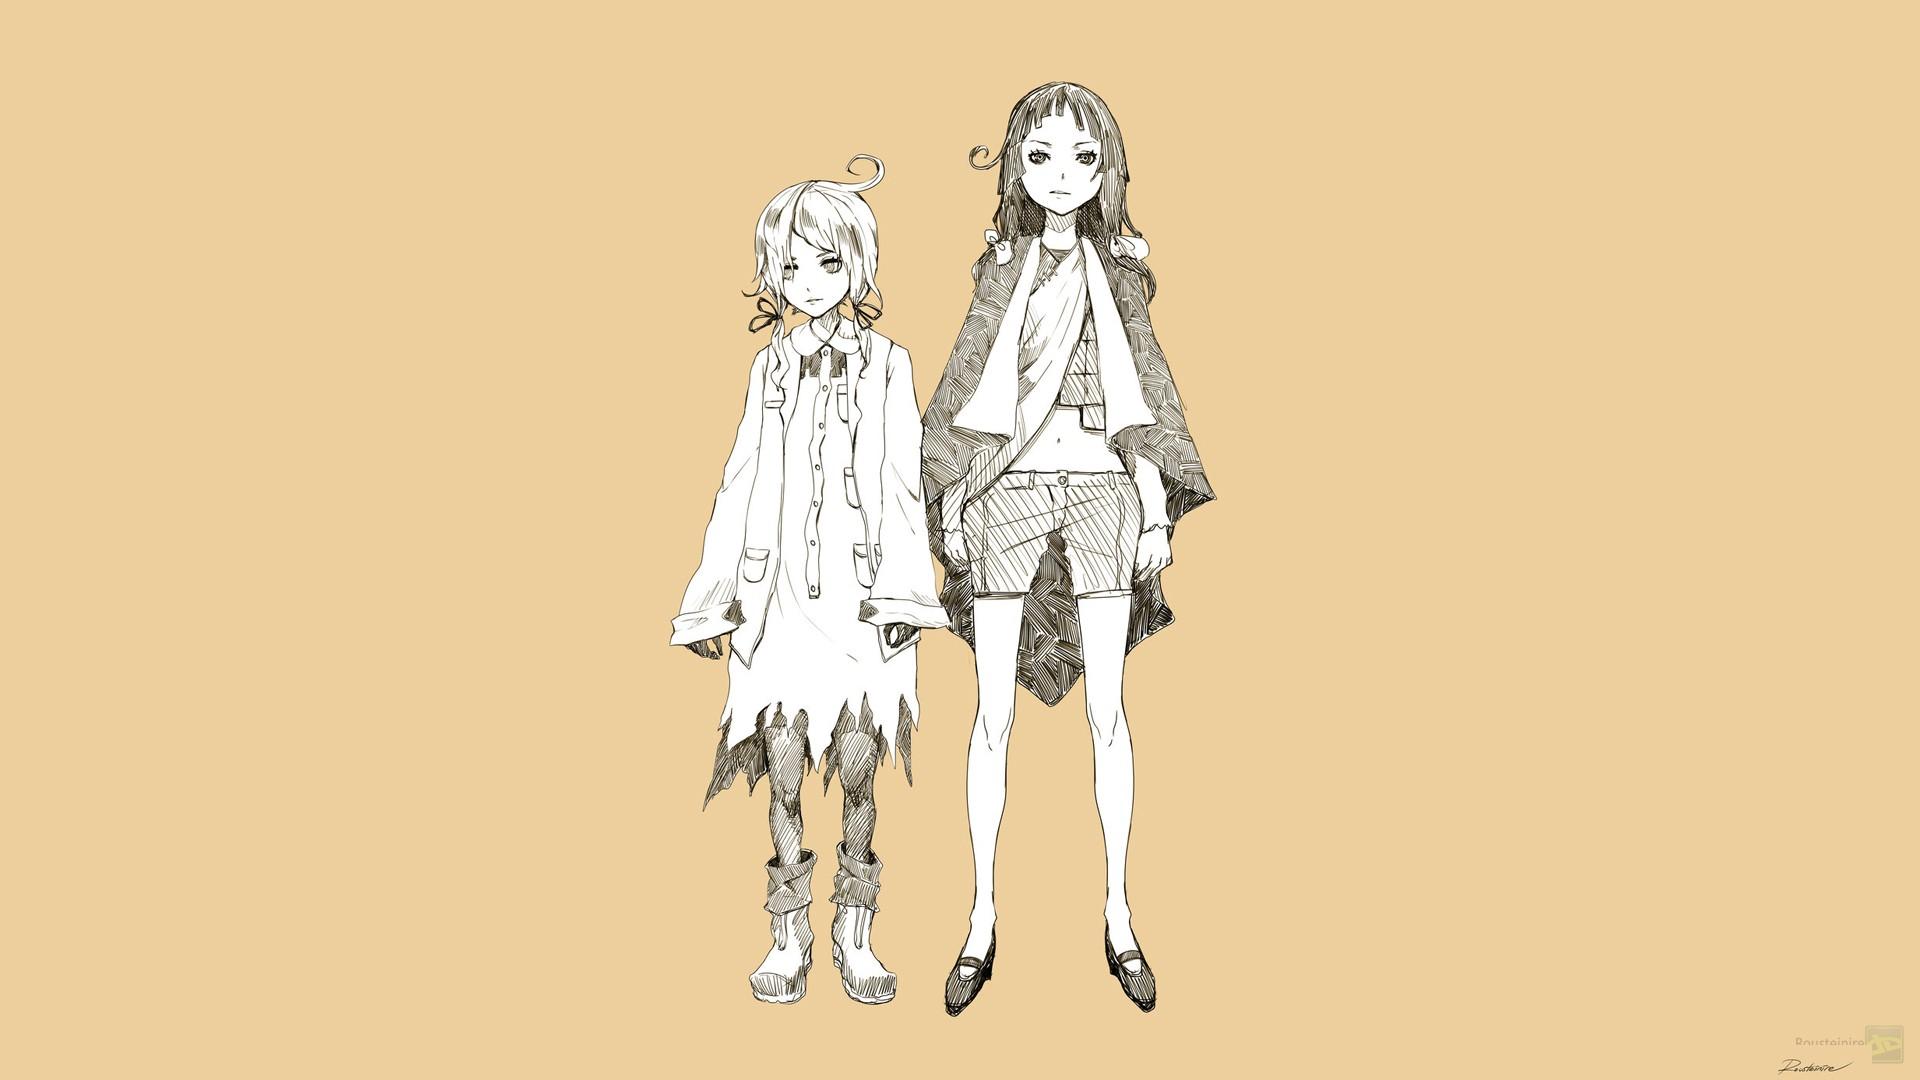 Wallpaper Ilustrasi Manga Kuning Gambar Kartun Karakter Asli